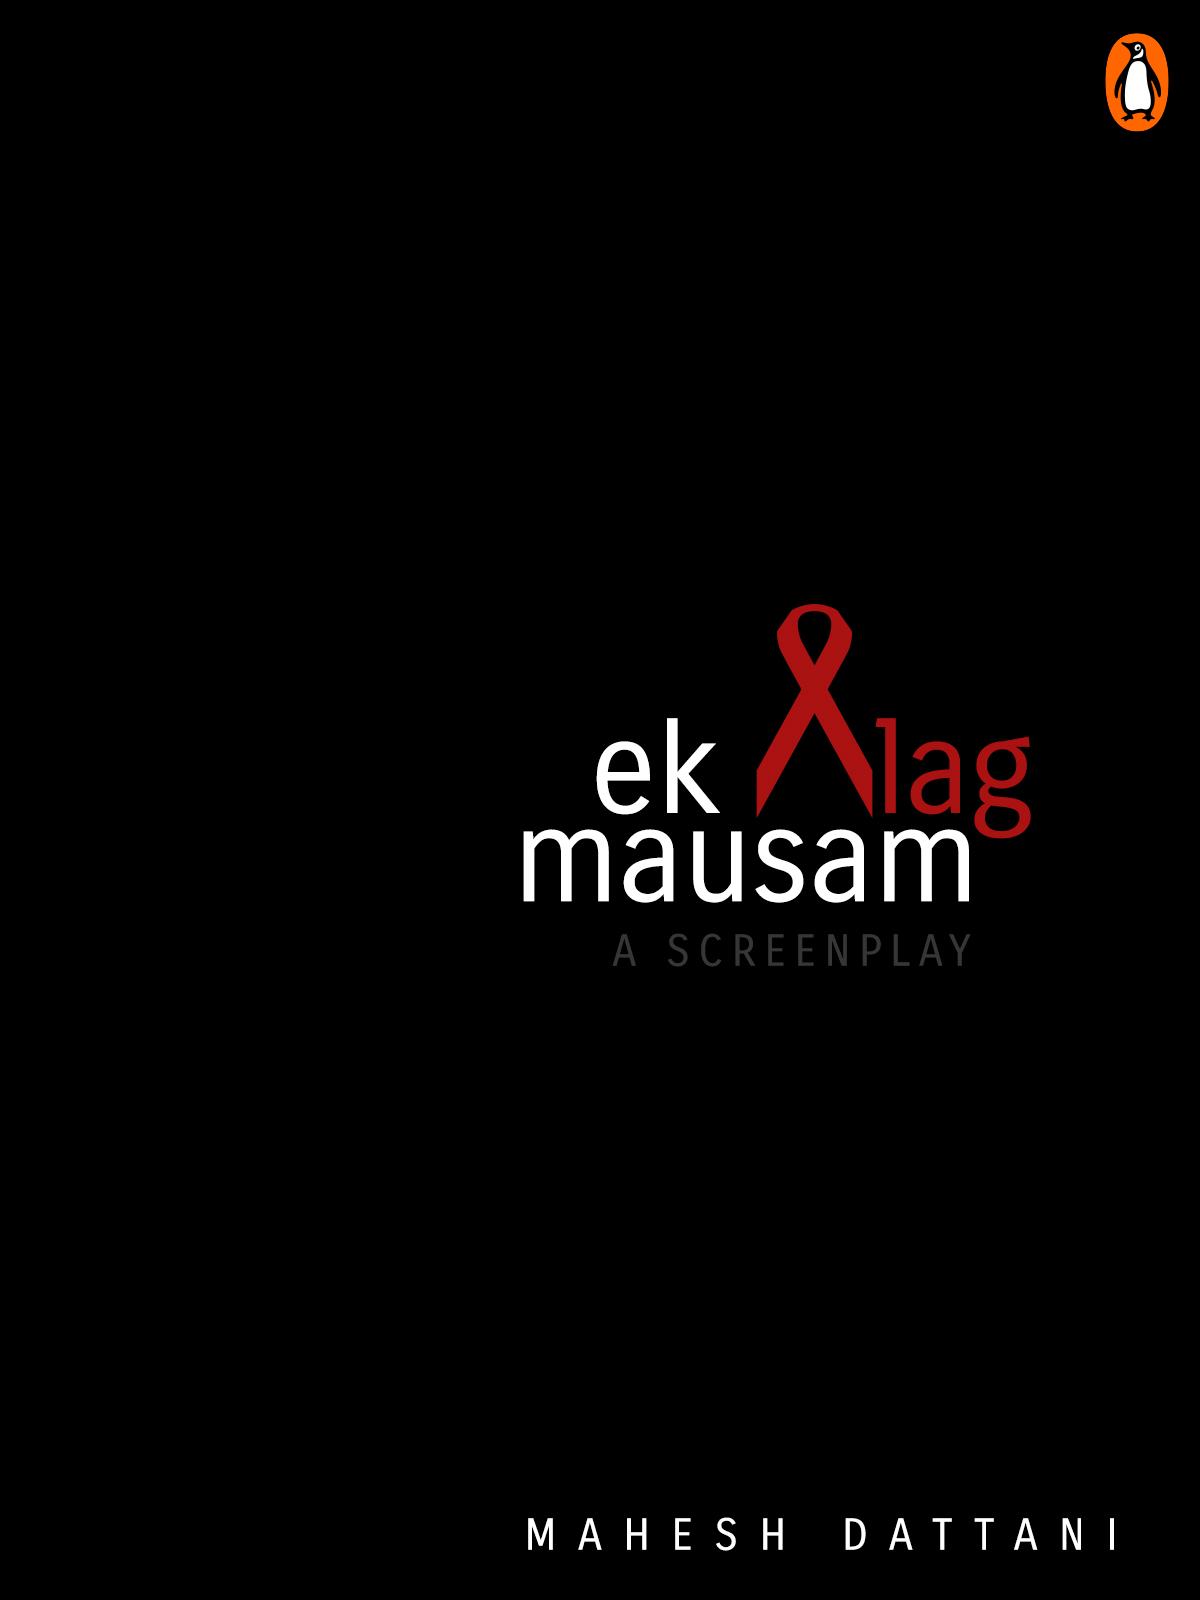 Ek Alag Mausam